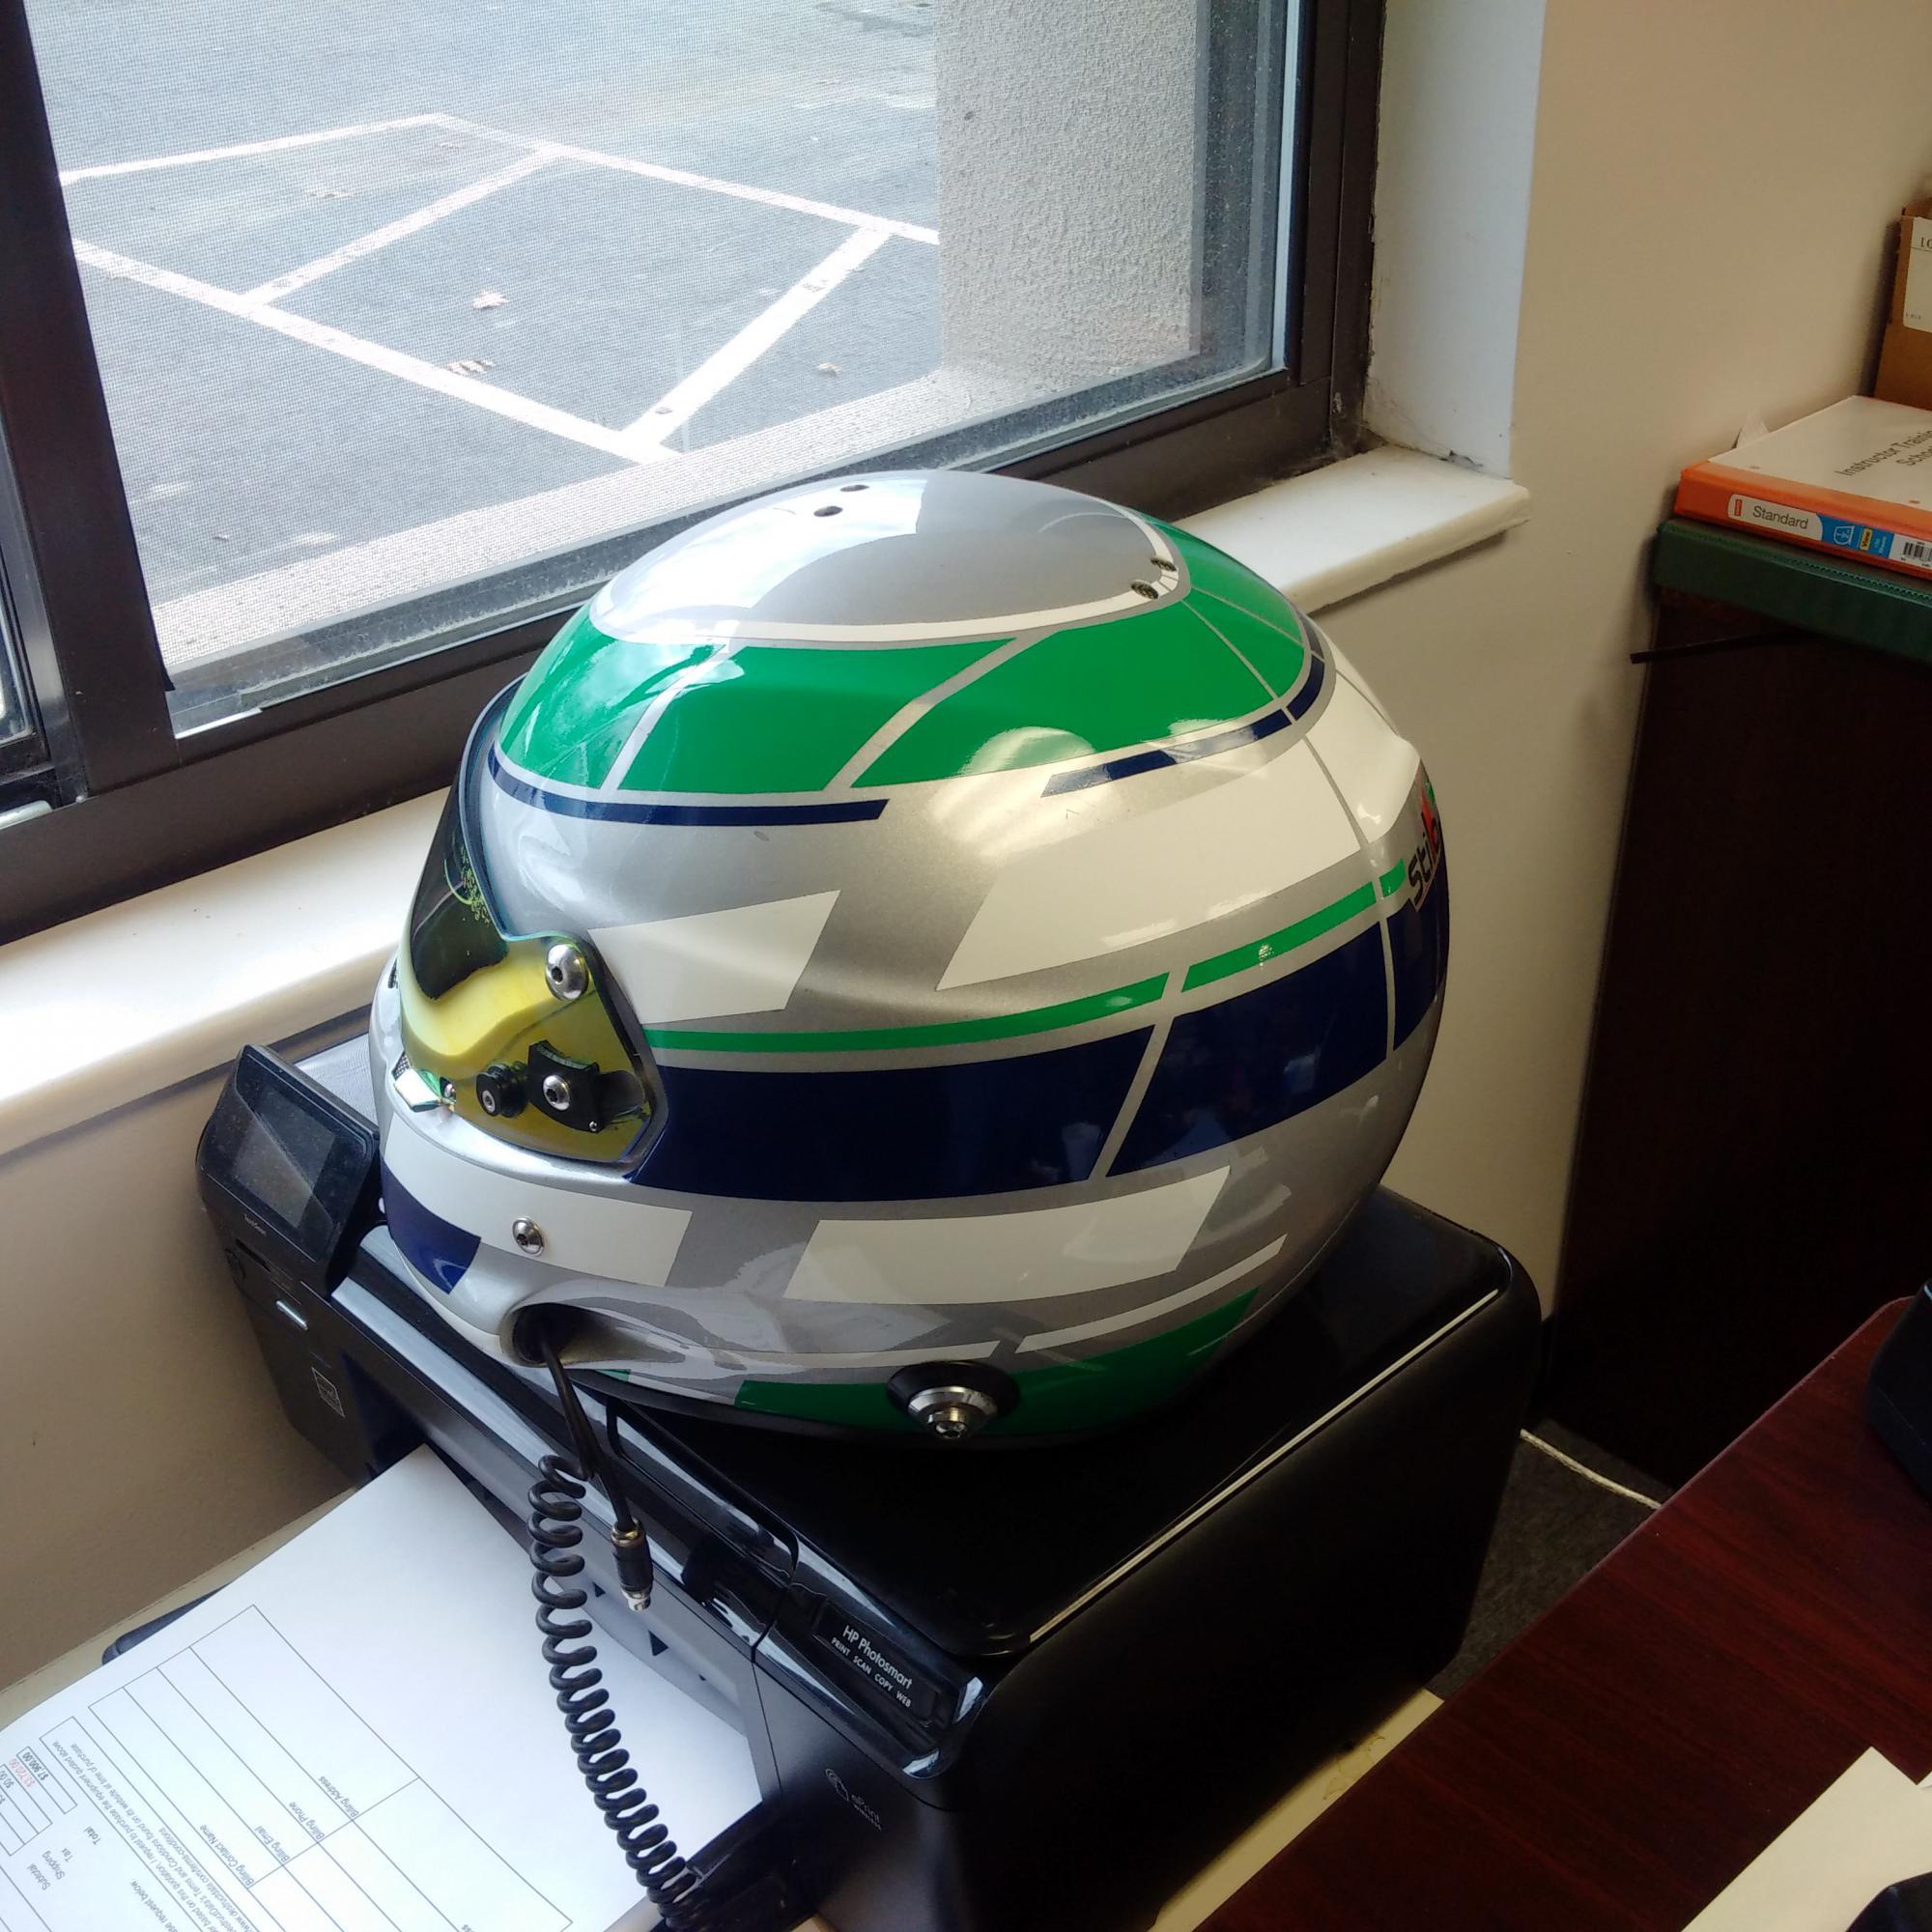 Helmets-img_20161228_133413.jpg